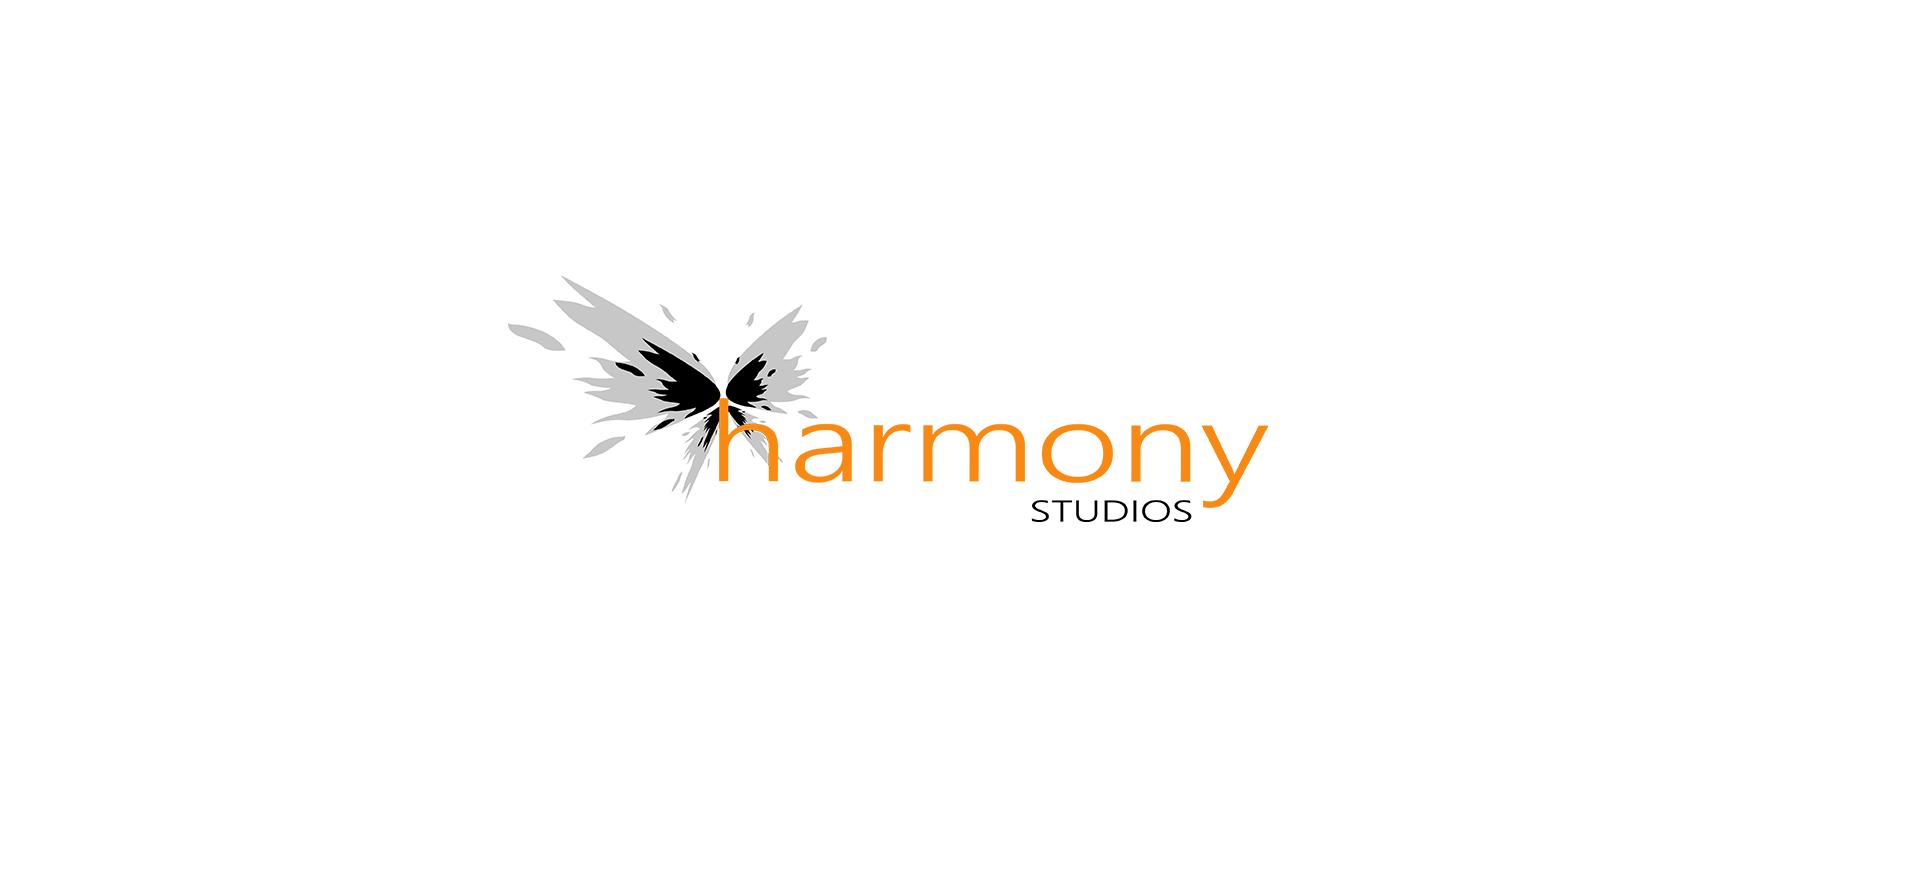 Harmony-HiRes-logo